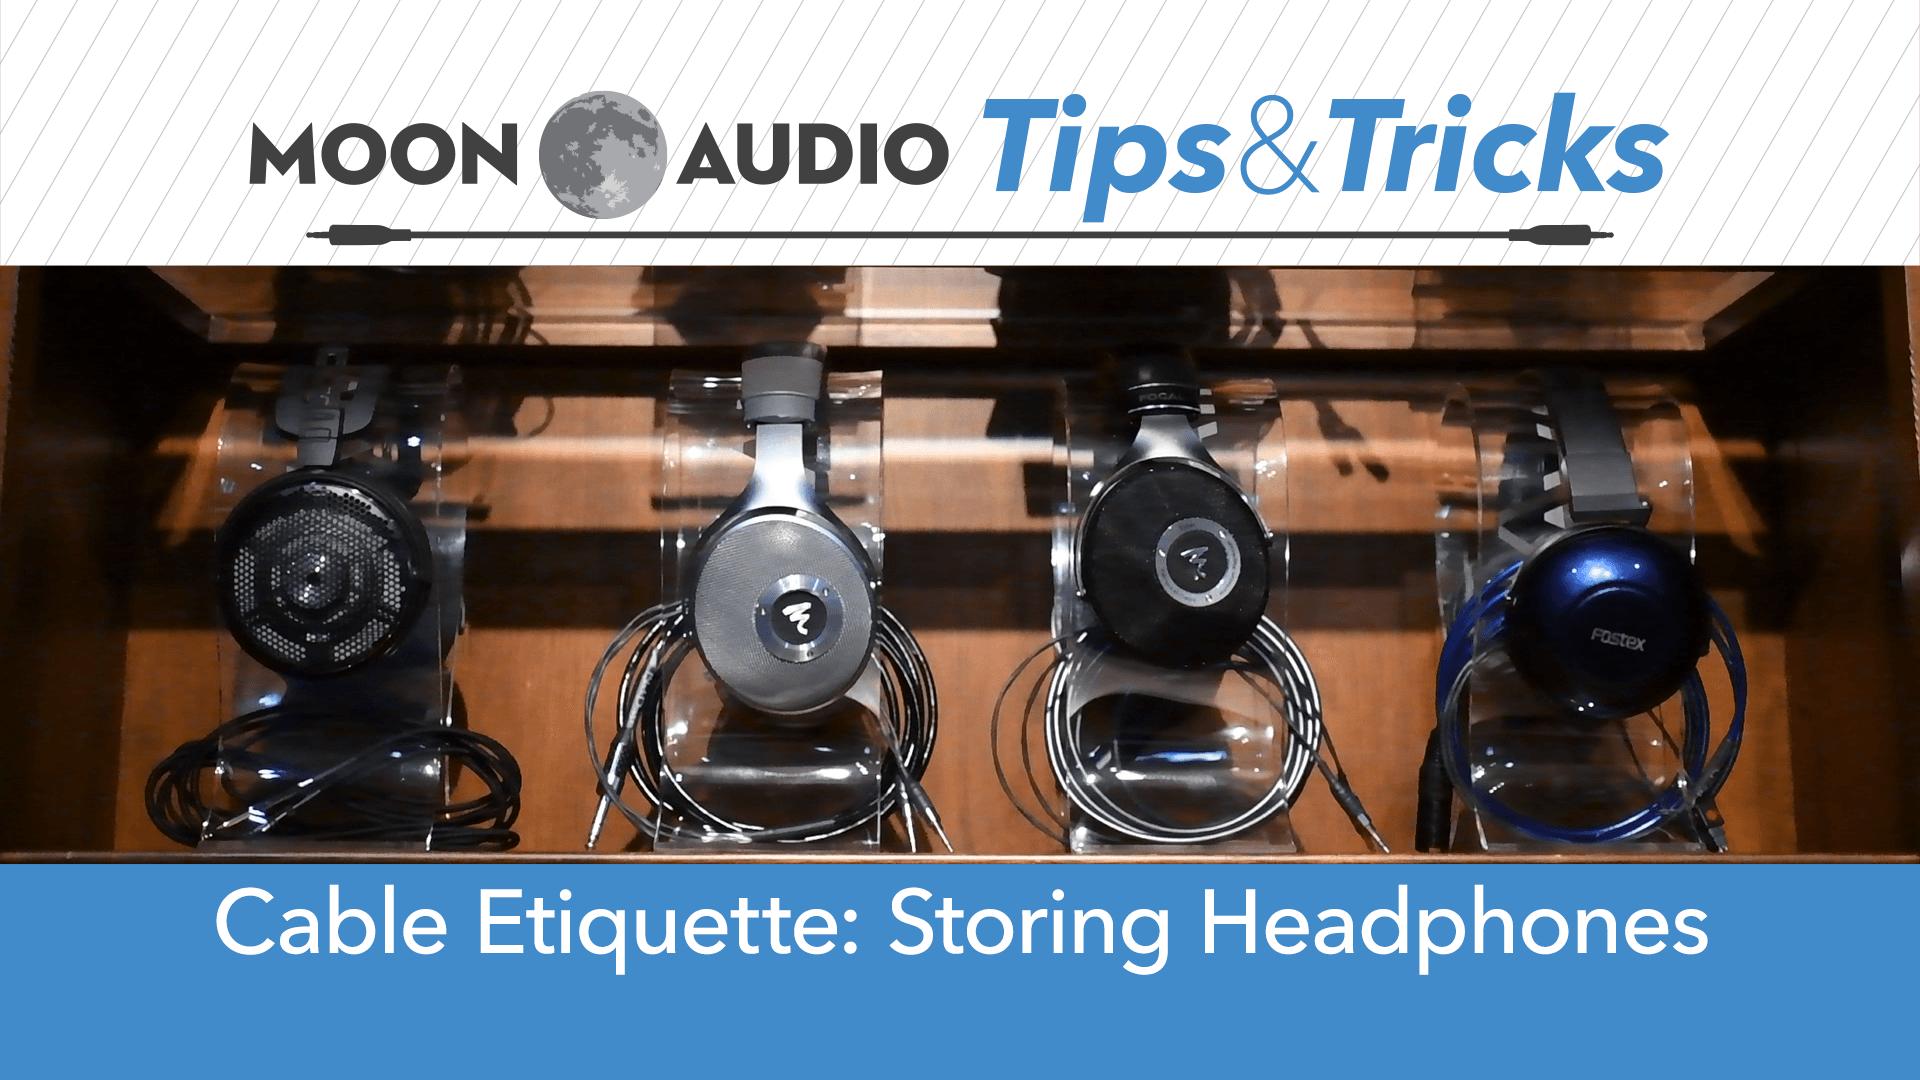 Cable Etiquette: Storing Headphones Video